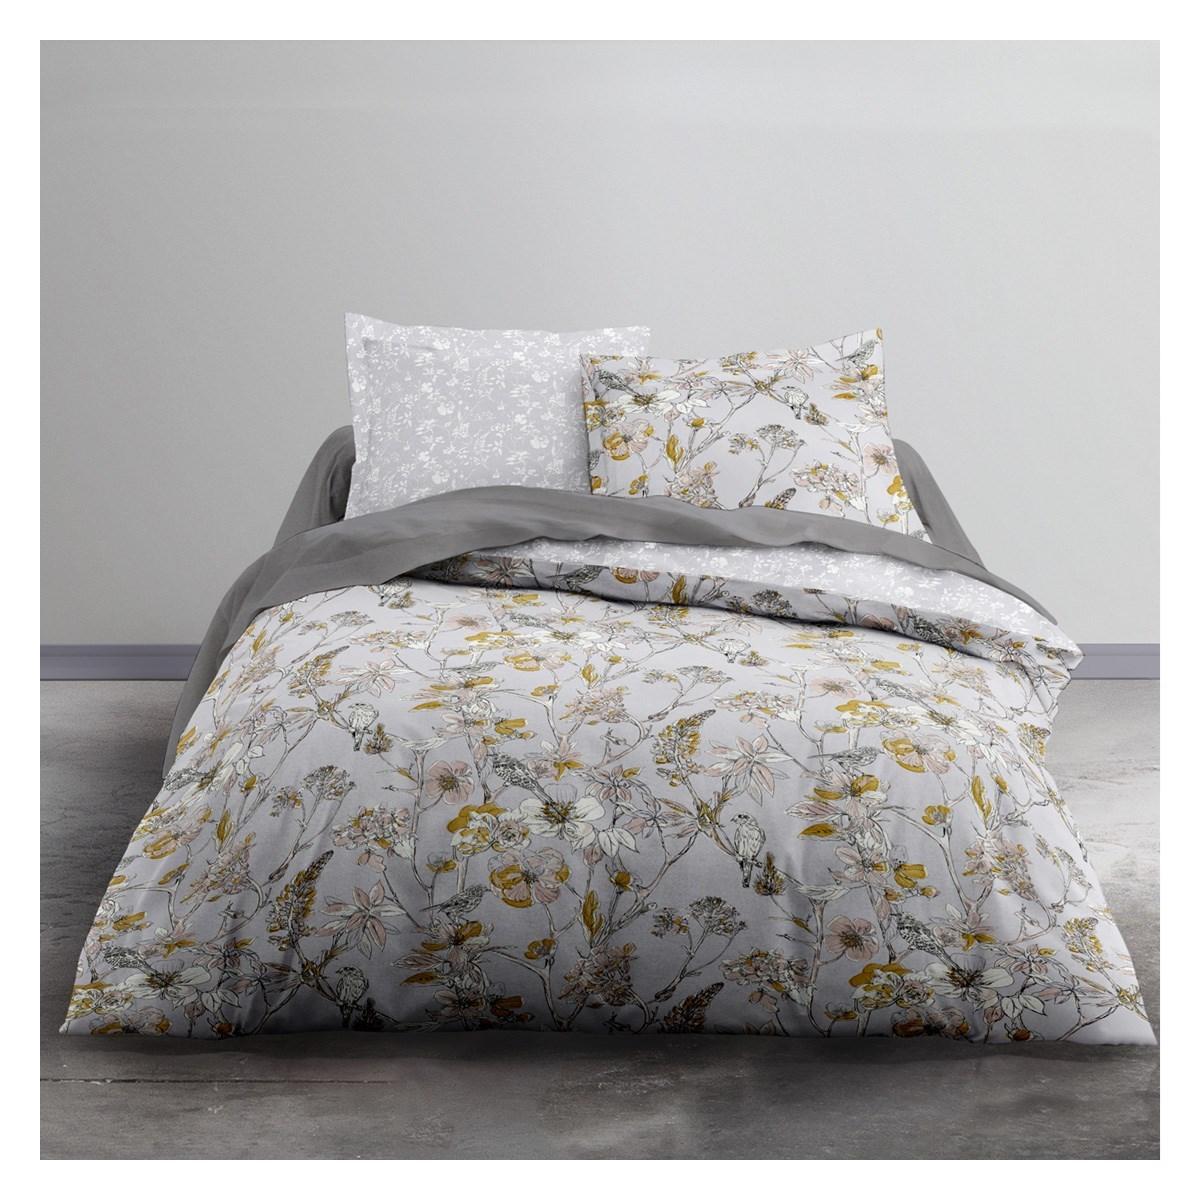 Parure de lit 2 personnes imprimé floral en Polyester Gris 220x240 cm